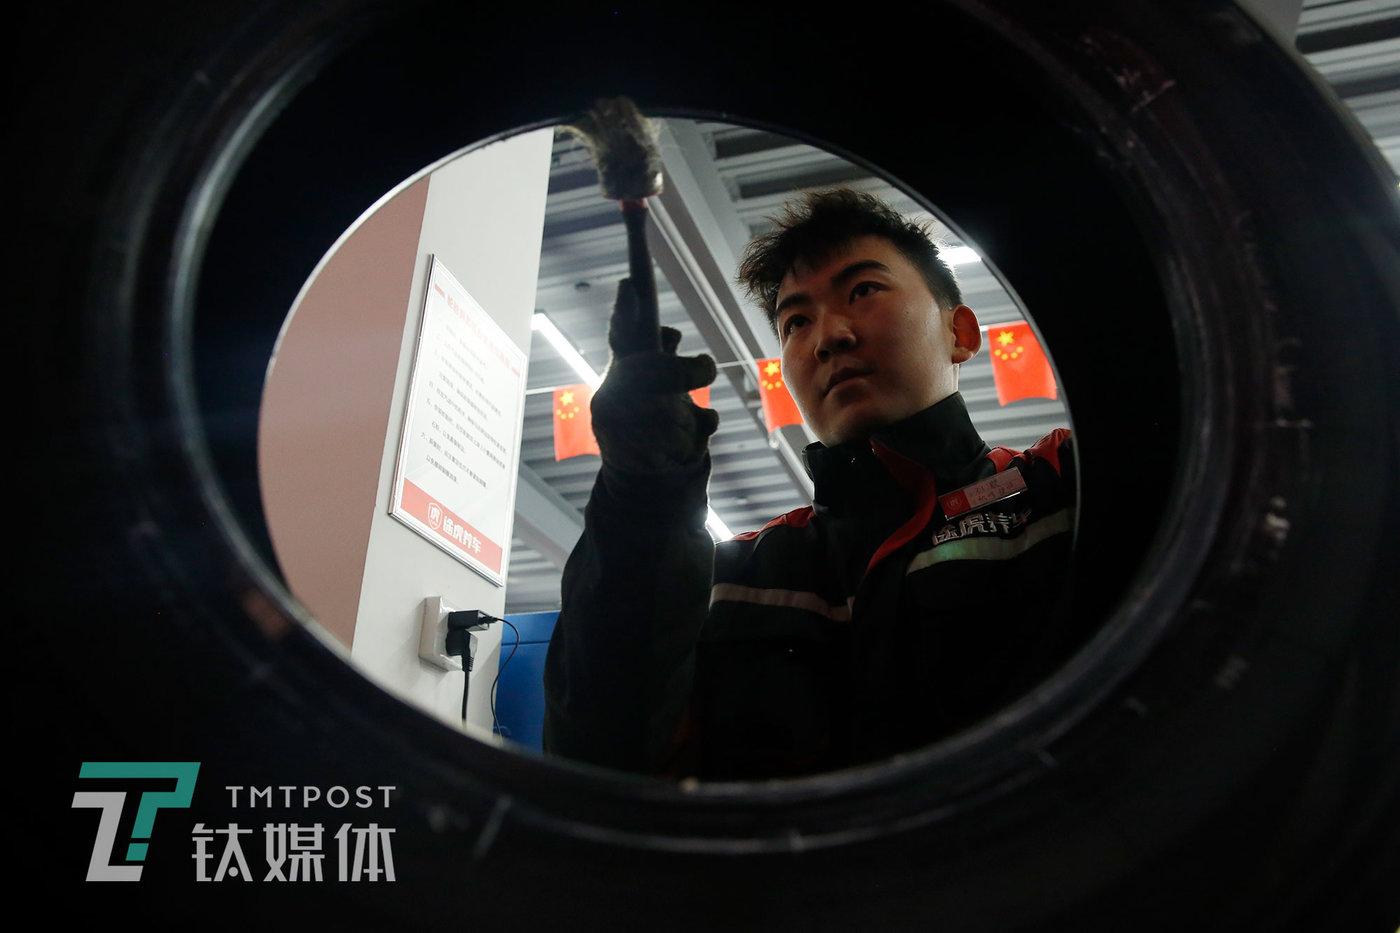 刘灏为客户换轮胎。